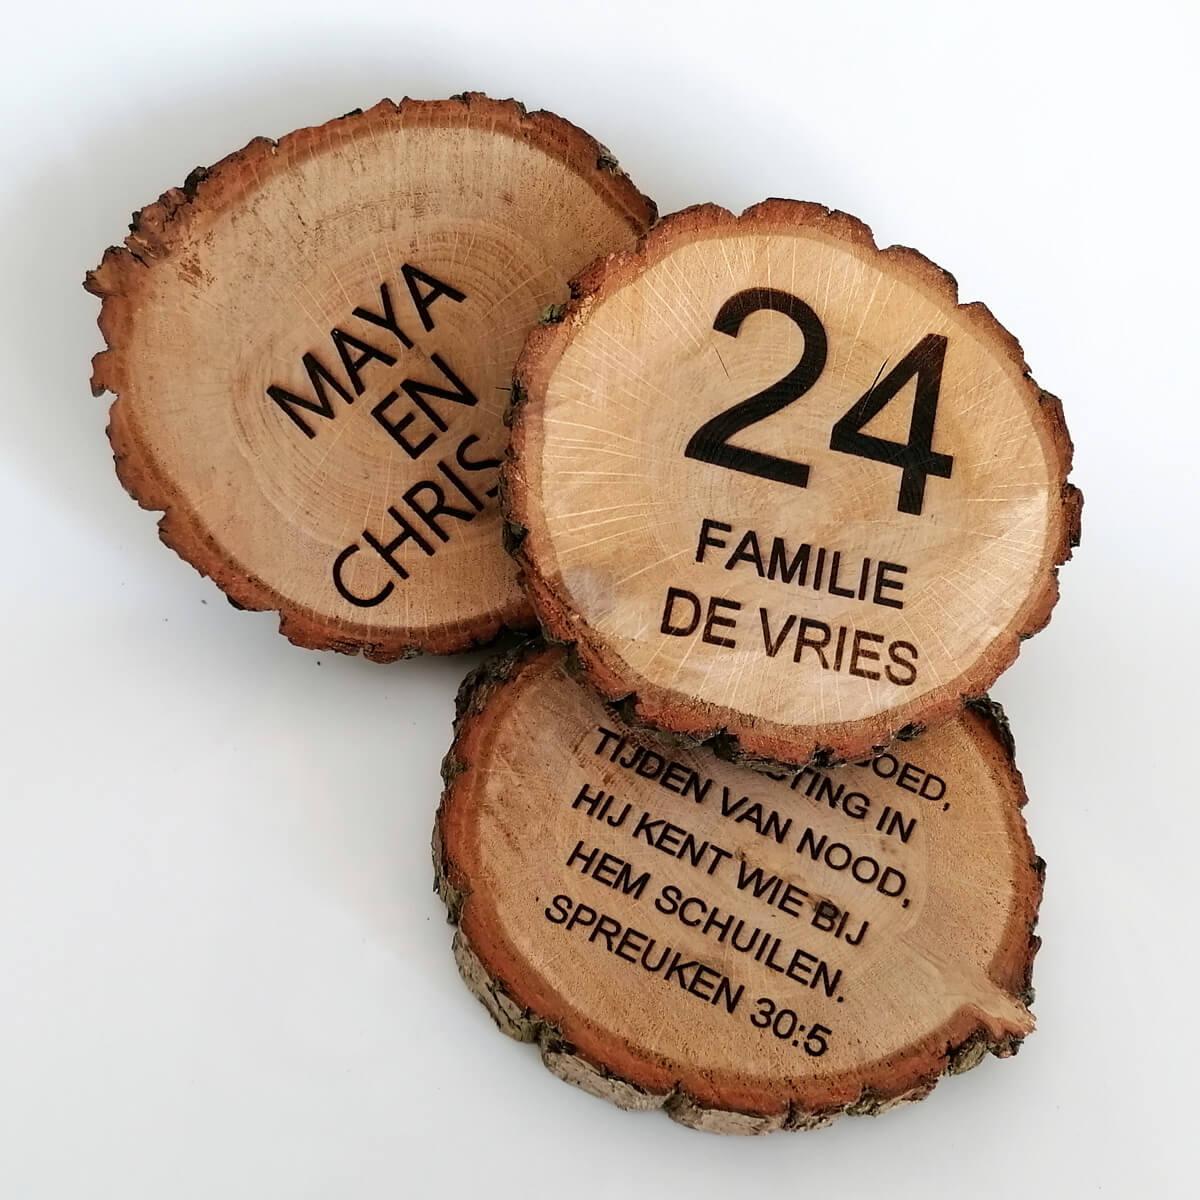 Houten boomschijf naambord met gravering